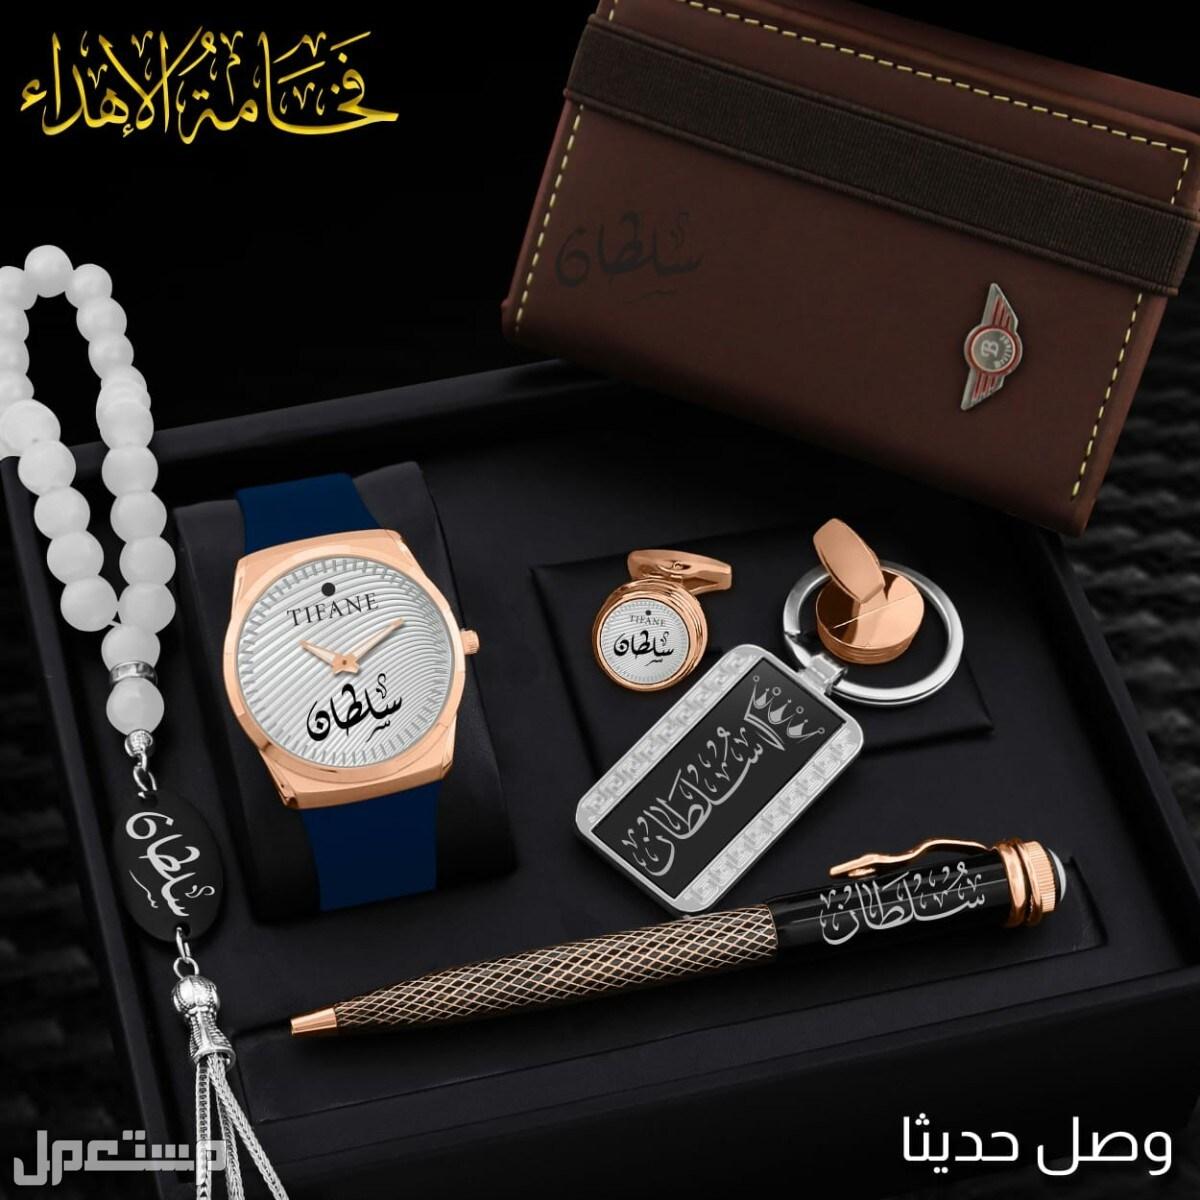 ساعة رجالية بالاسم مع هدايا وملحقات مميزه للتواصل اسرع واتساب